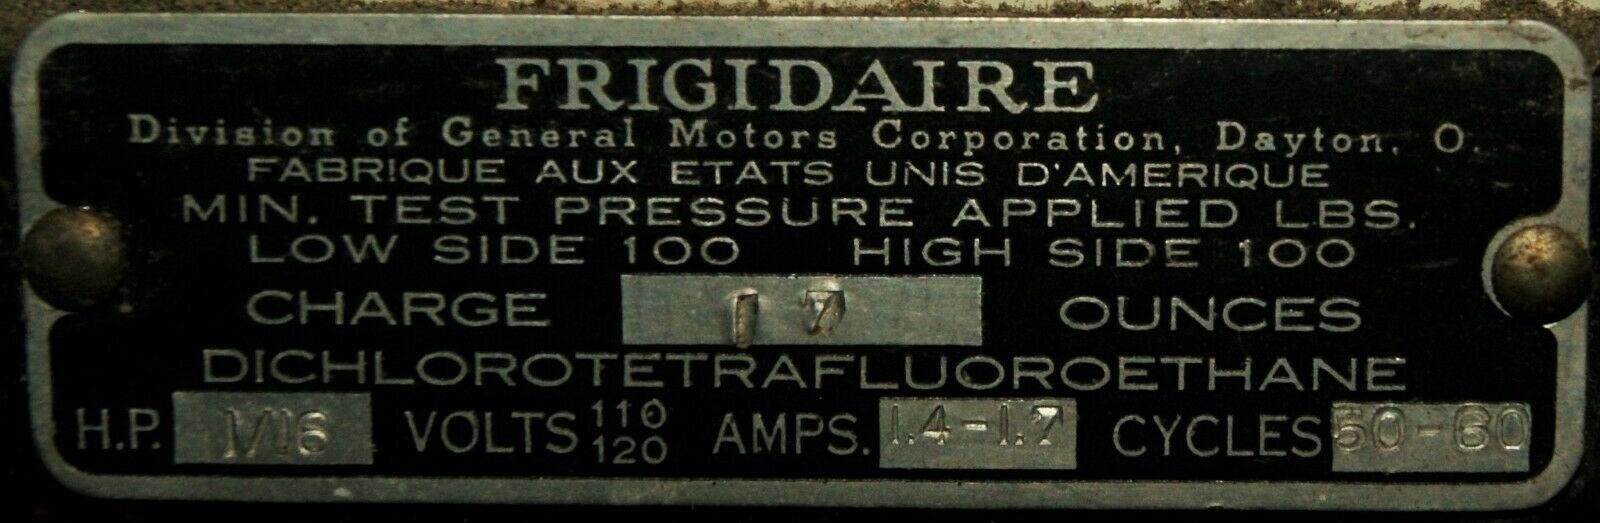 Frigidaire de 1939